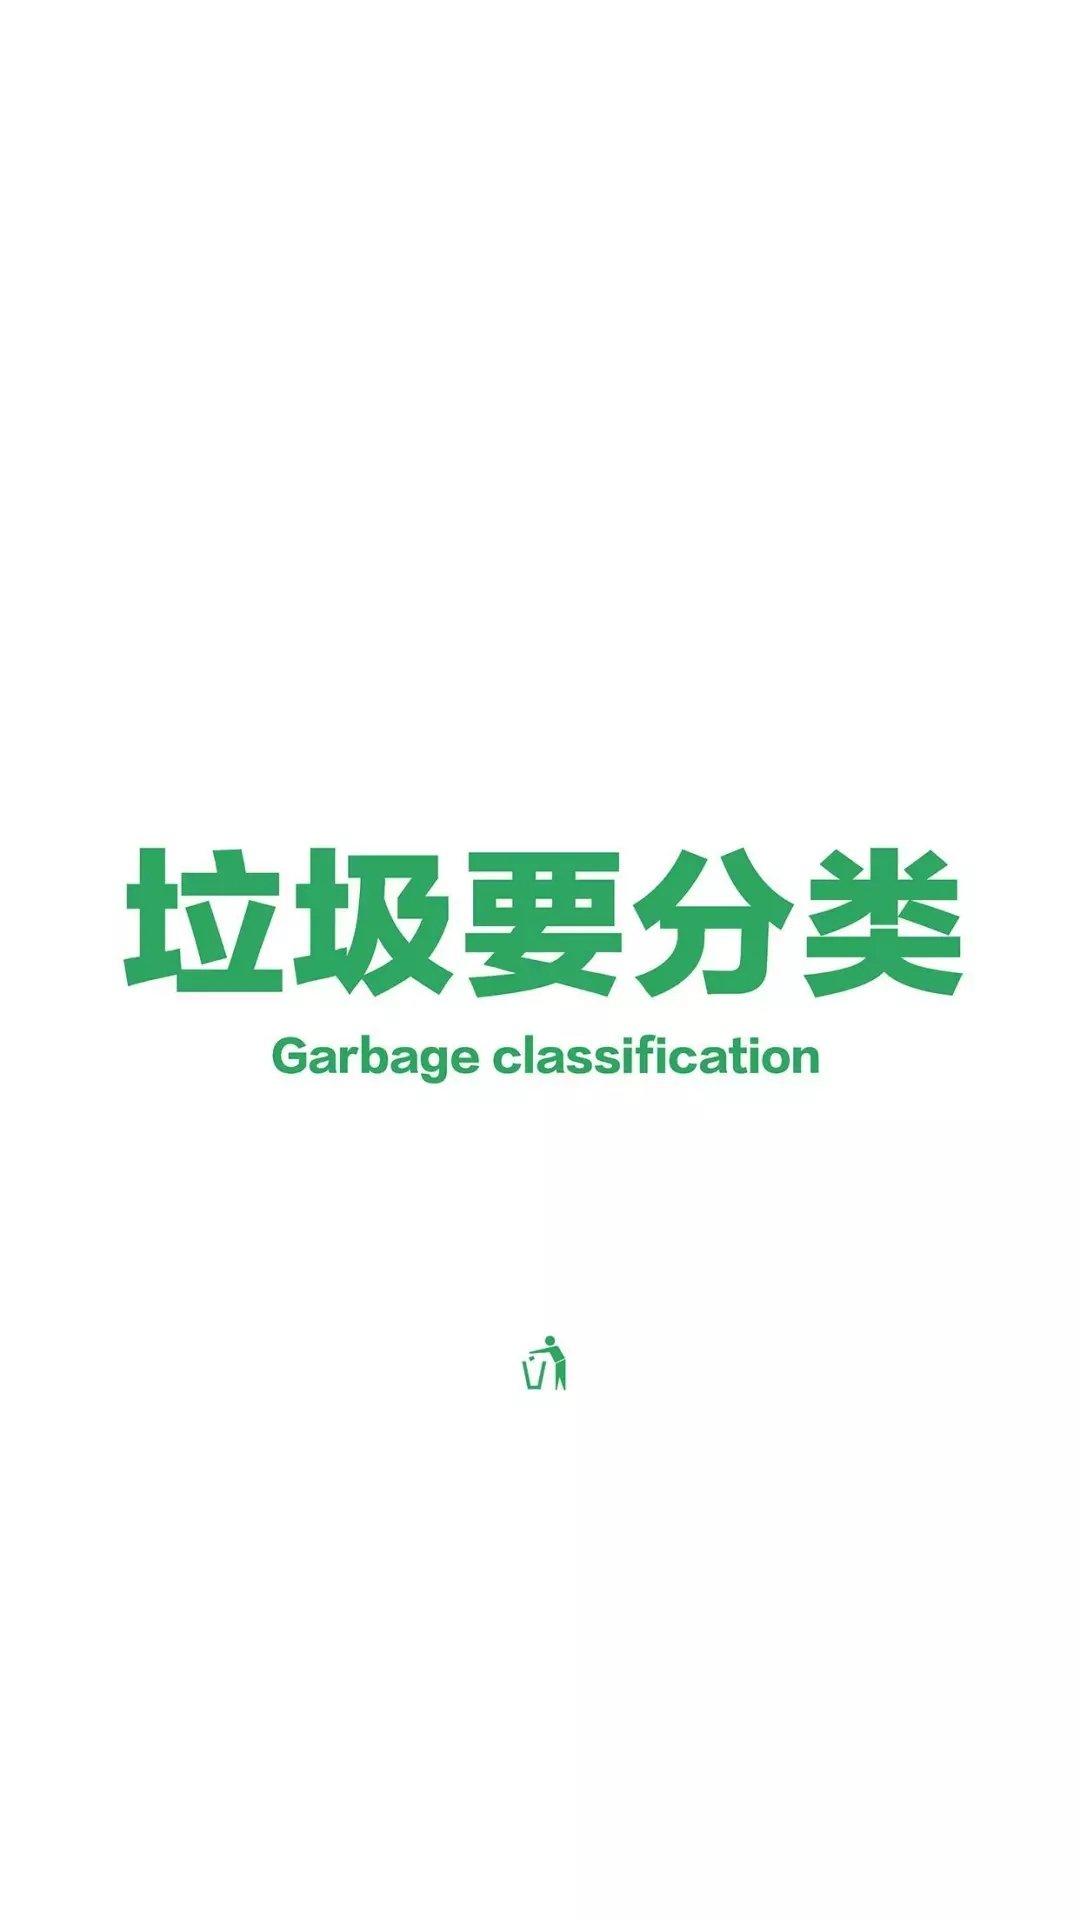 关于垃圾分类的壁纸,你们可能会想要哦。 涨姿势 第2张